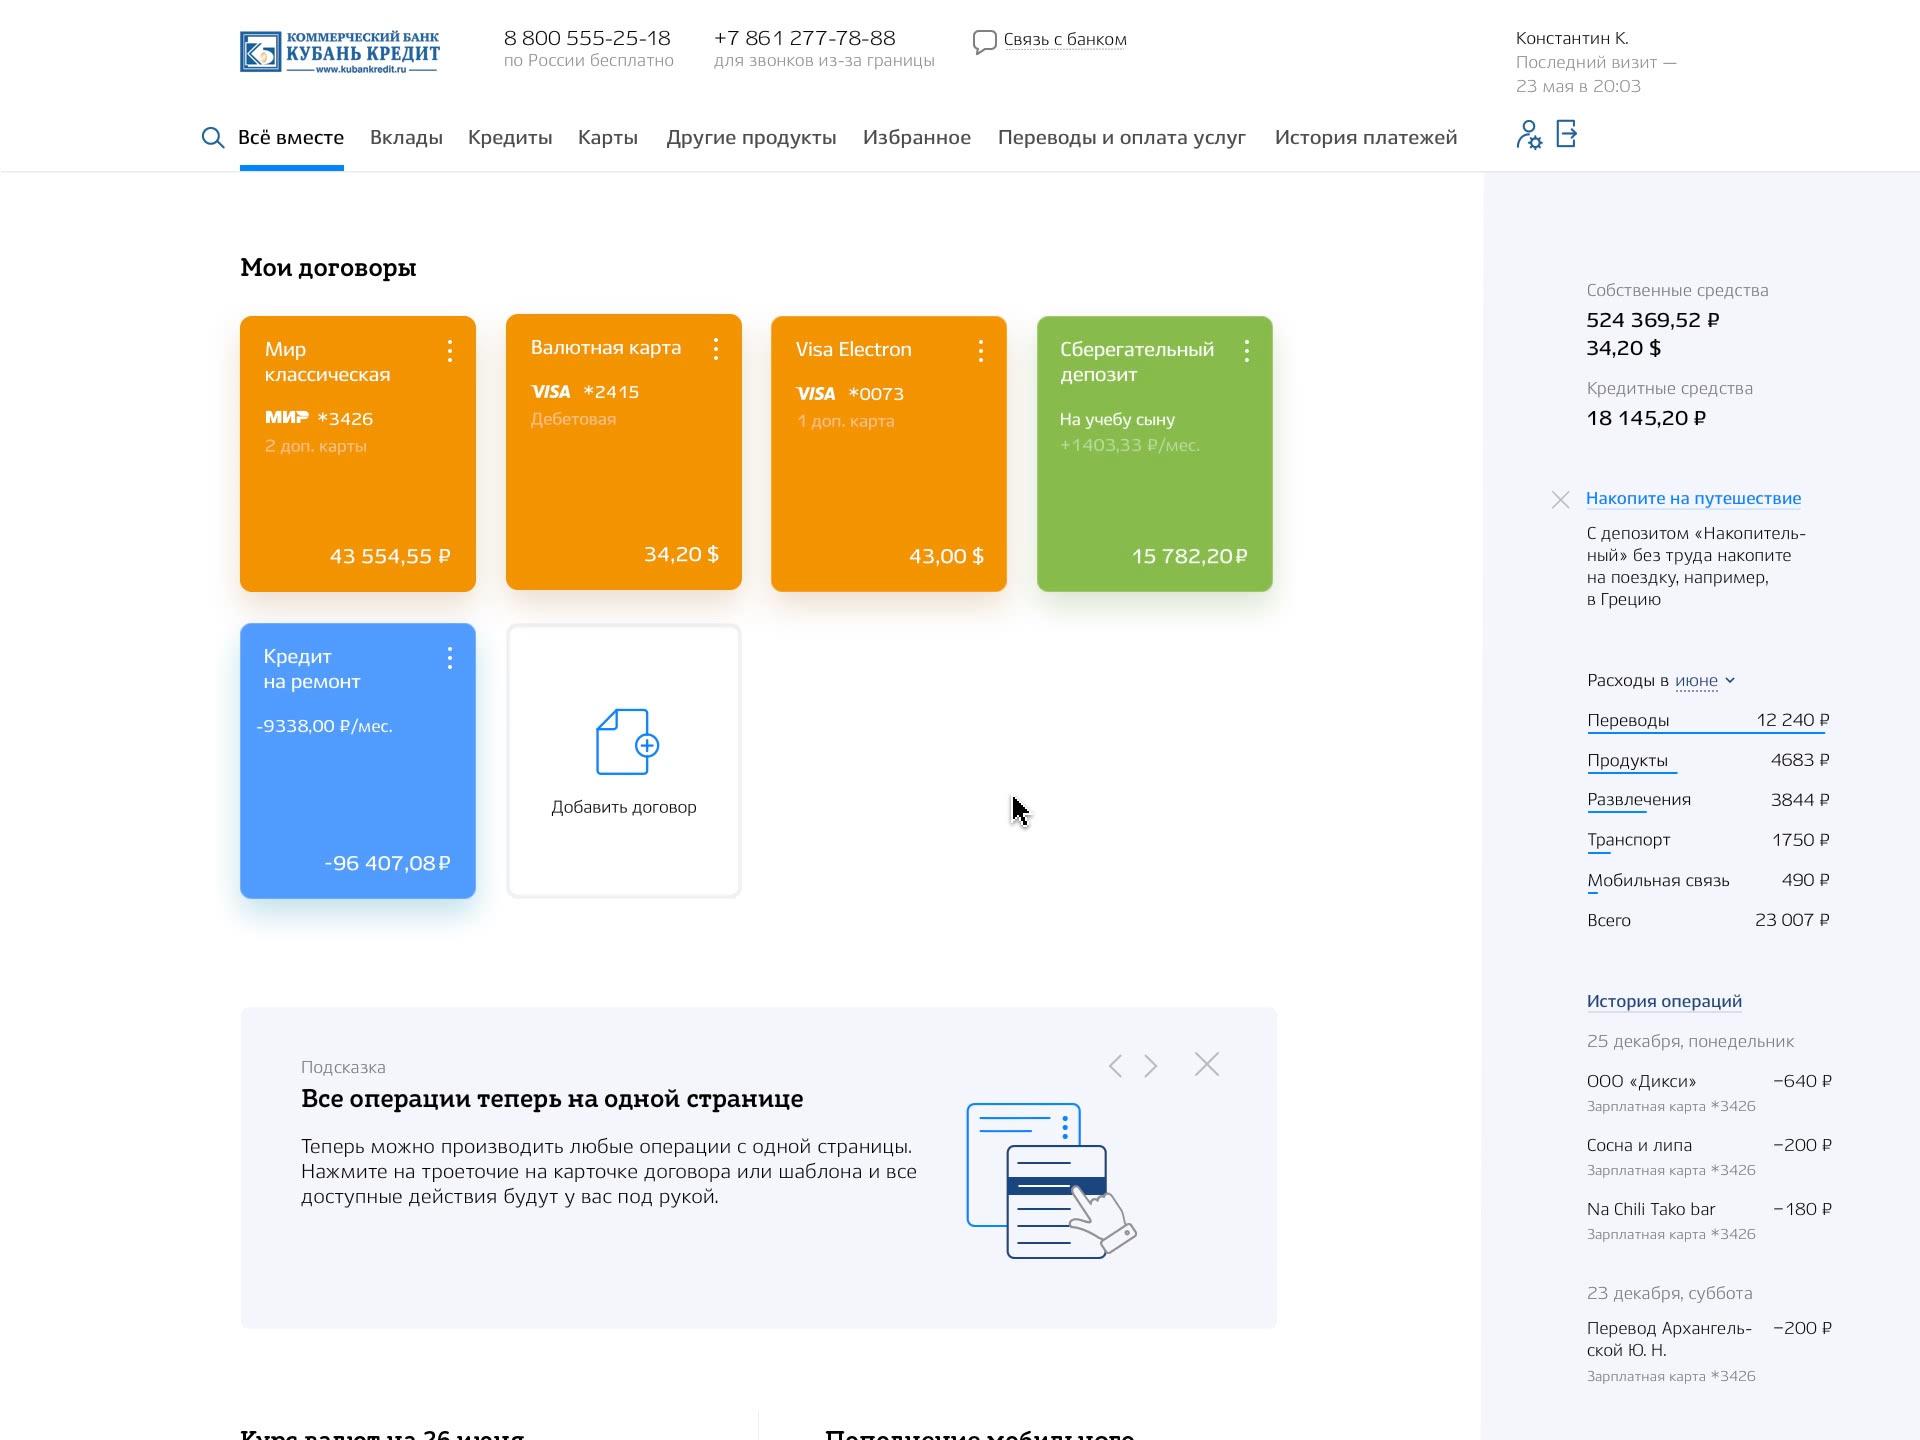 Кубань кредит для бизнеса интернет банк предложение получить кредит